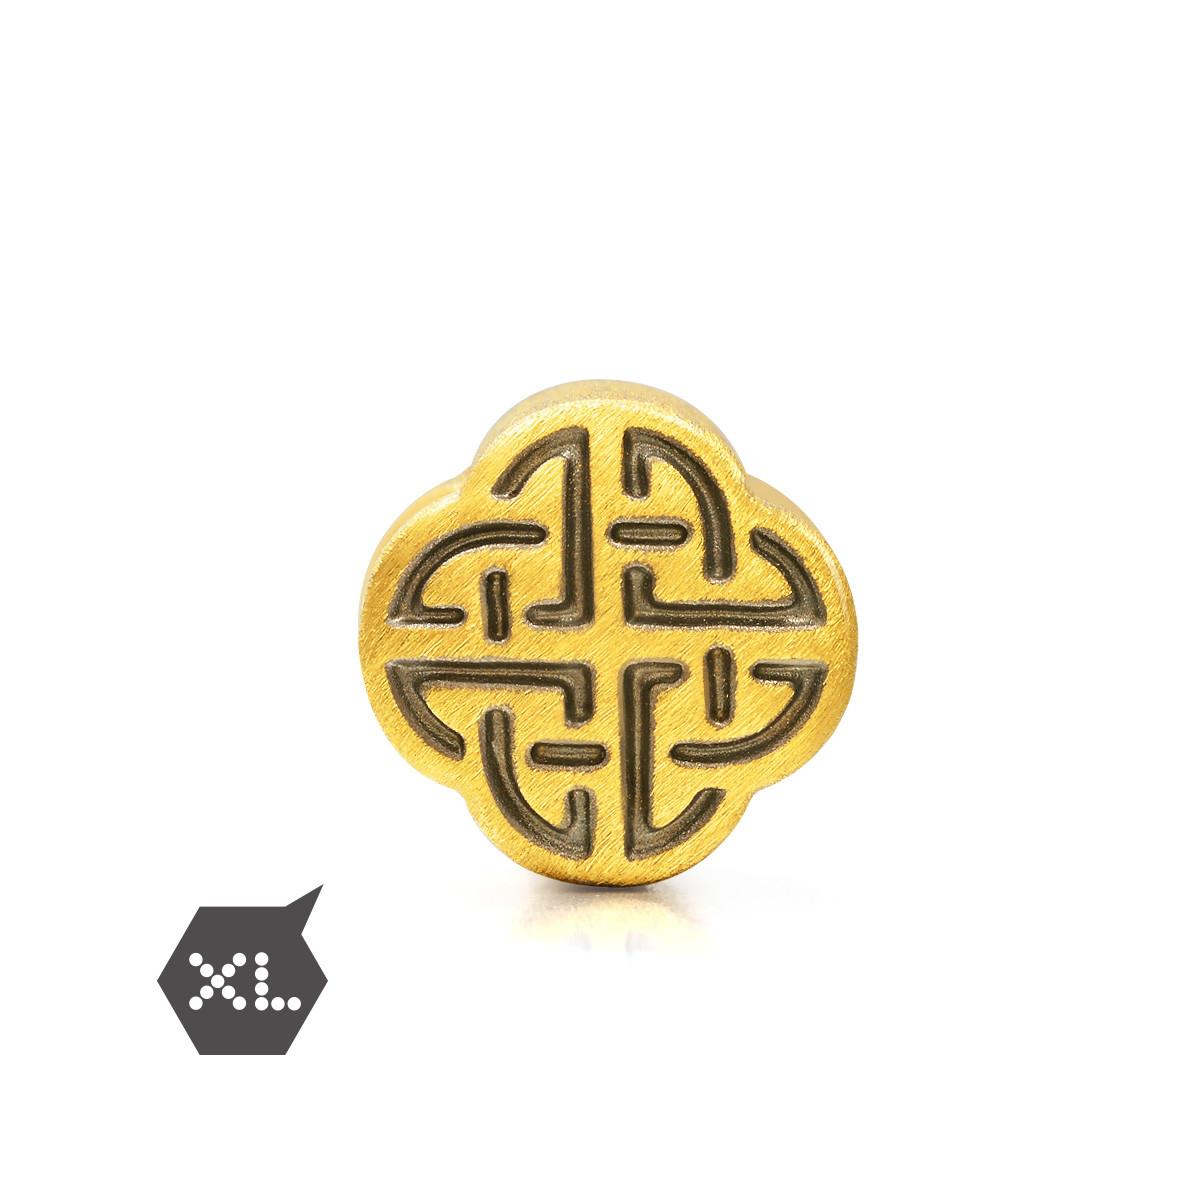 周生生【白敬亭代言】周生生黄金Charme和谐转运珠(配绳需另购)B86521p如图